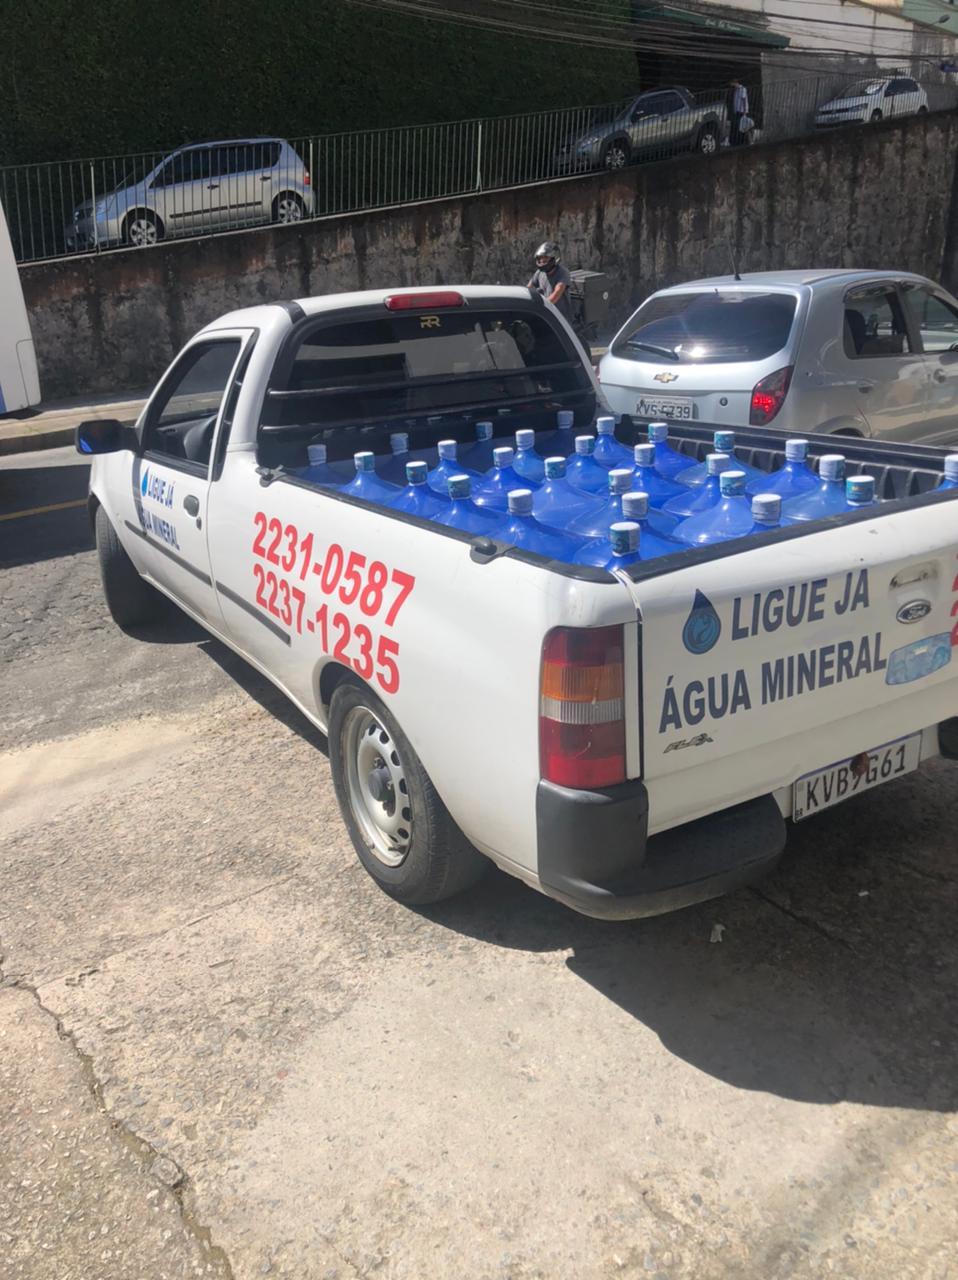 ENTREGA DE ÁGUA E GÁS EM TRÊS RIOS - RJ